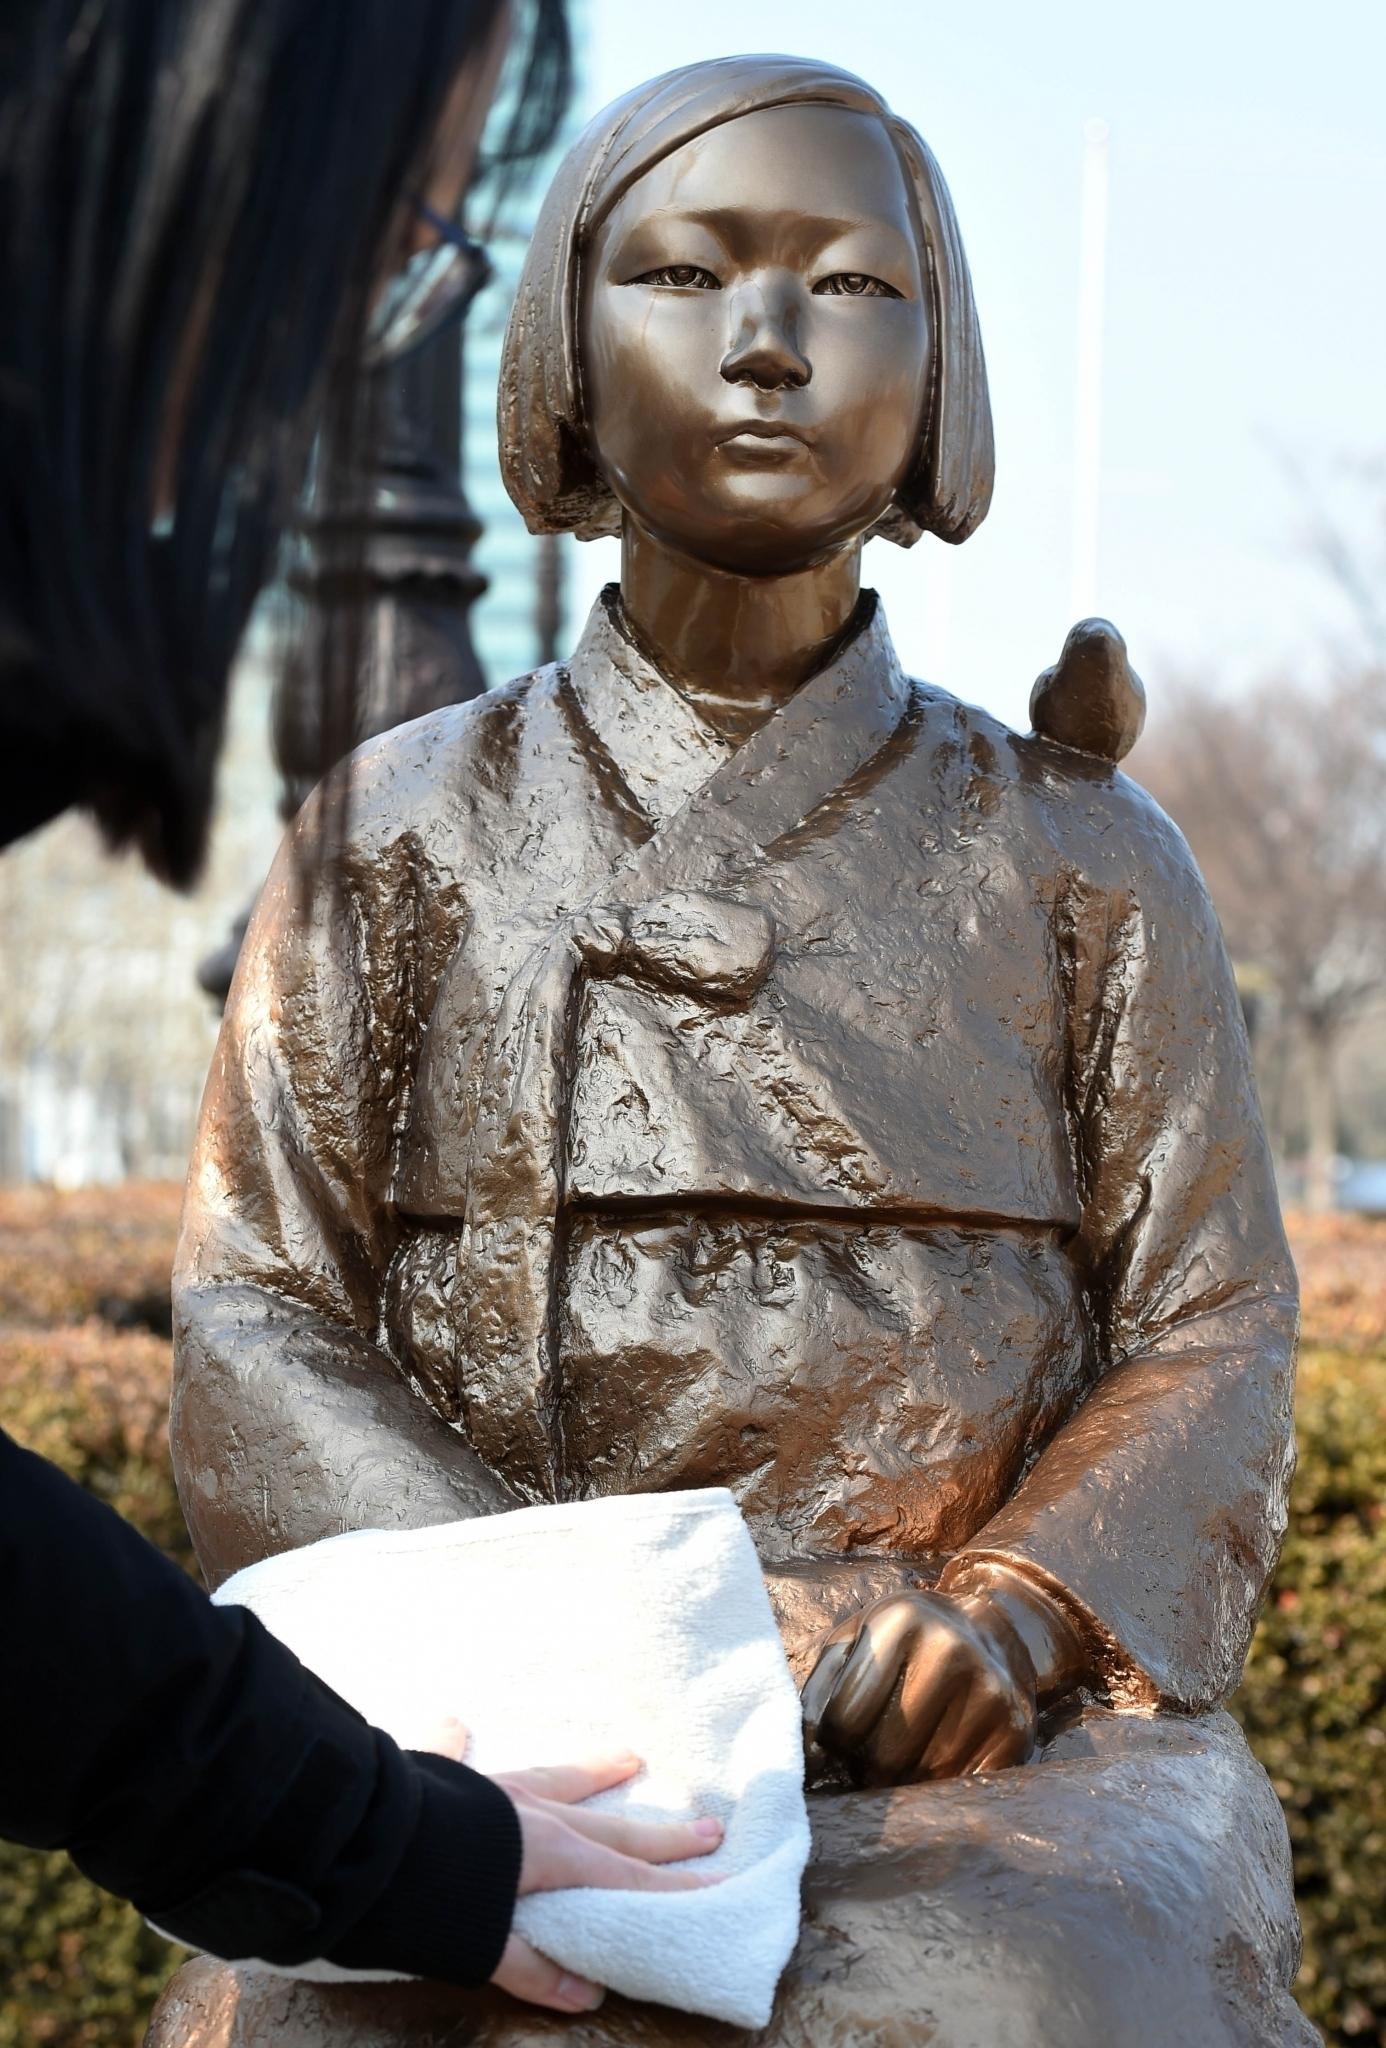 평화의 소녀상. 지난 2월28일 경기 안양시 평촌중앙공원에서 한 어머니와 여학생이 평화의 소녀상을 닦아 주고 있다. /사진=뉴시스